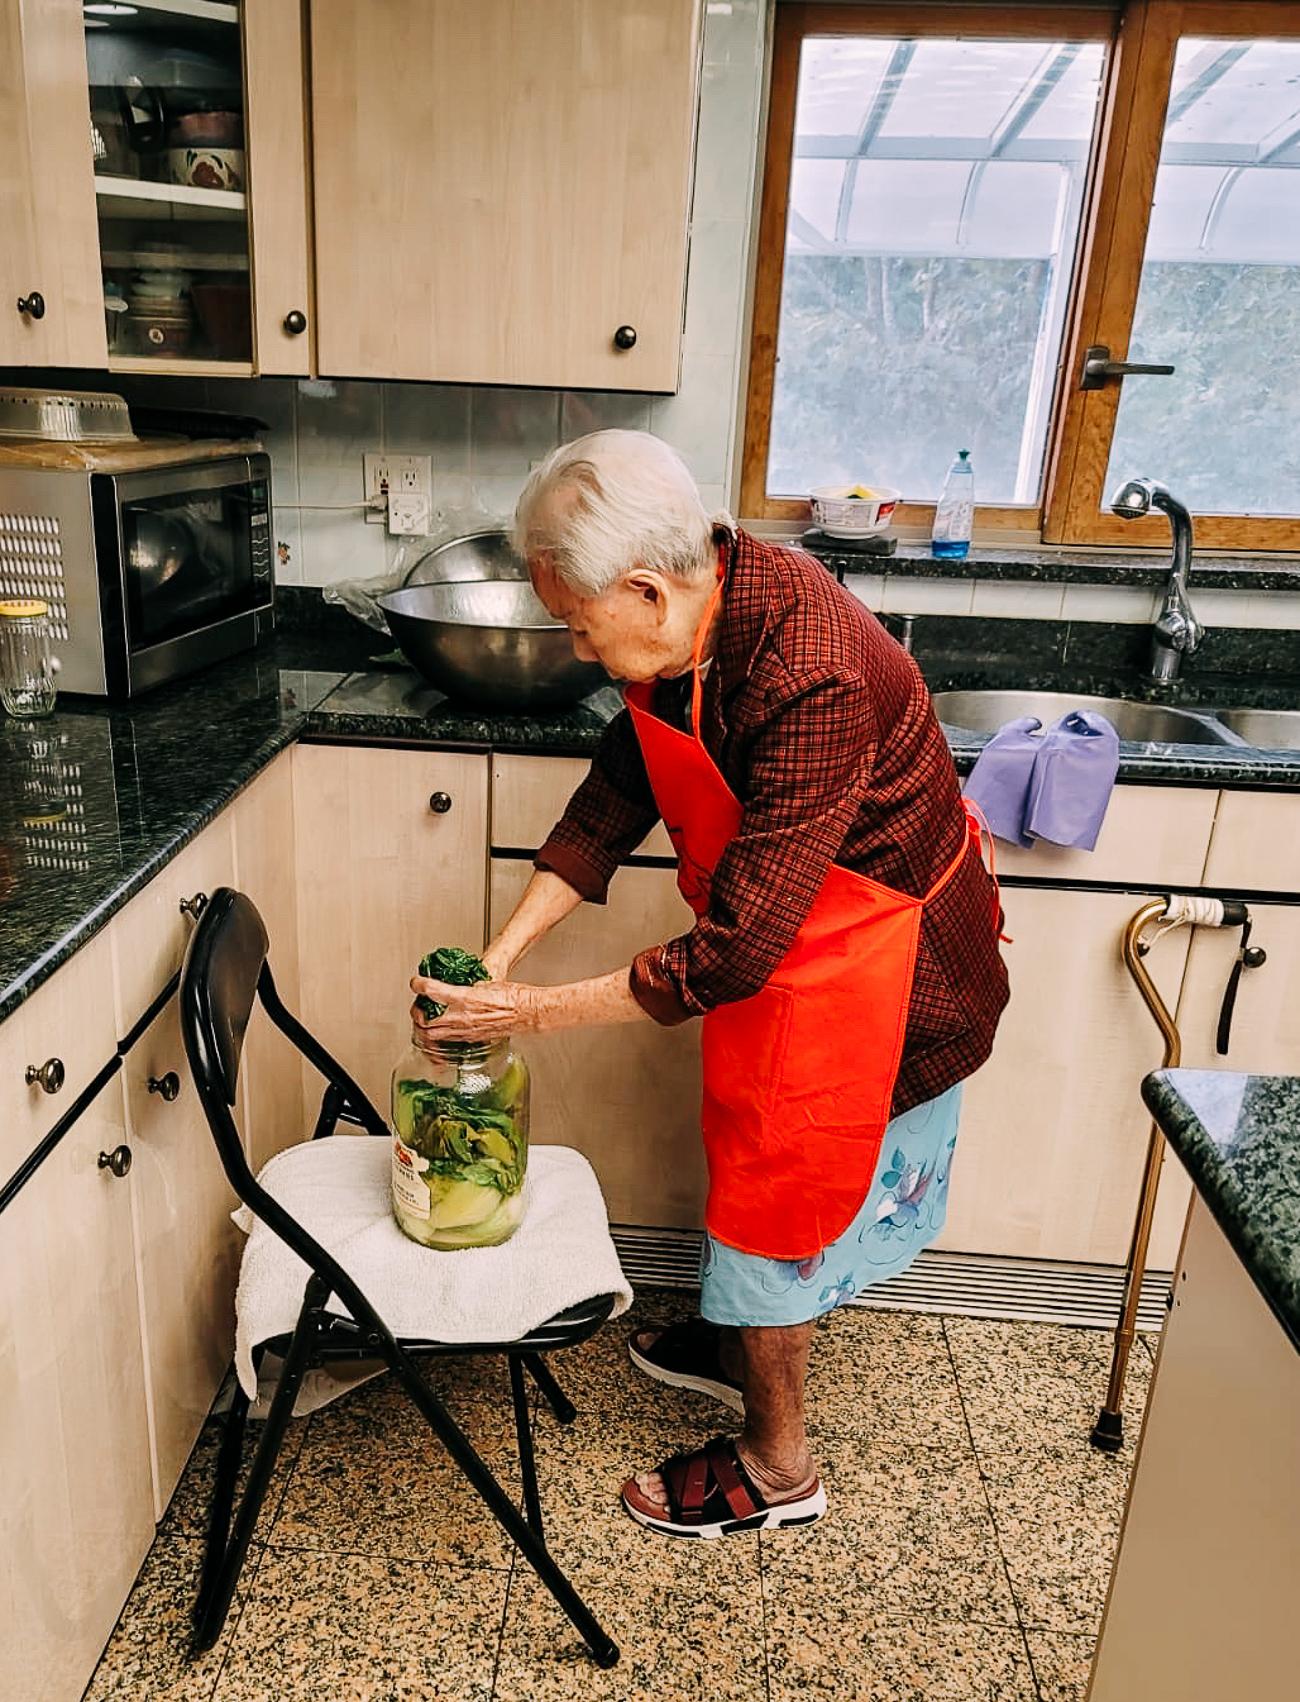 Bill's grandma putting mustard greens into pickling jar